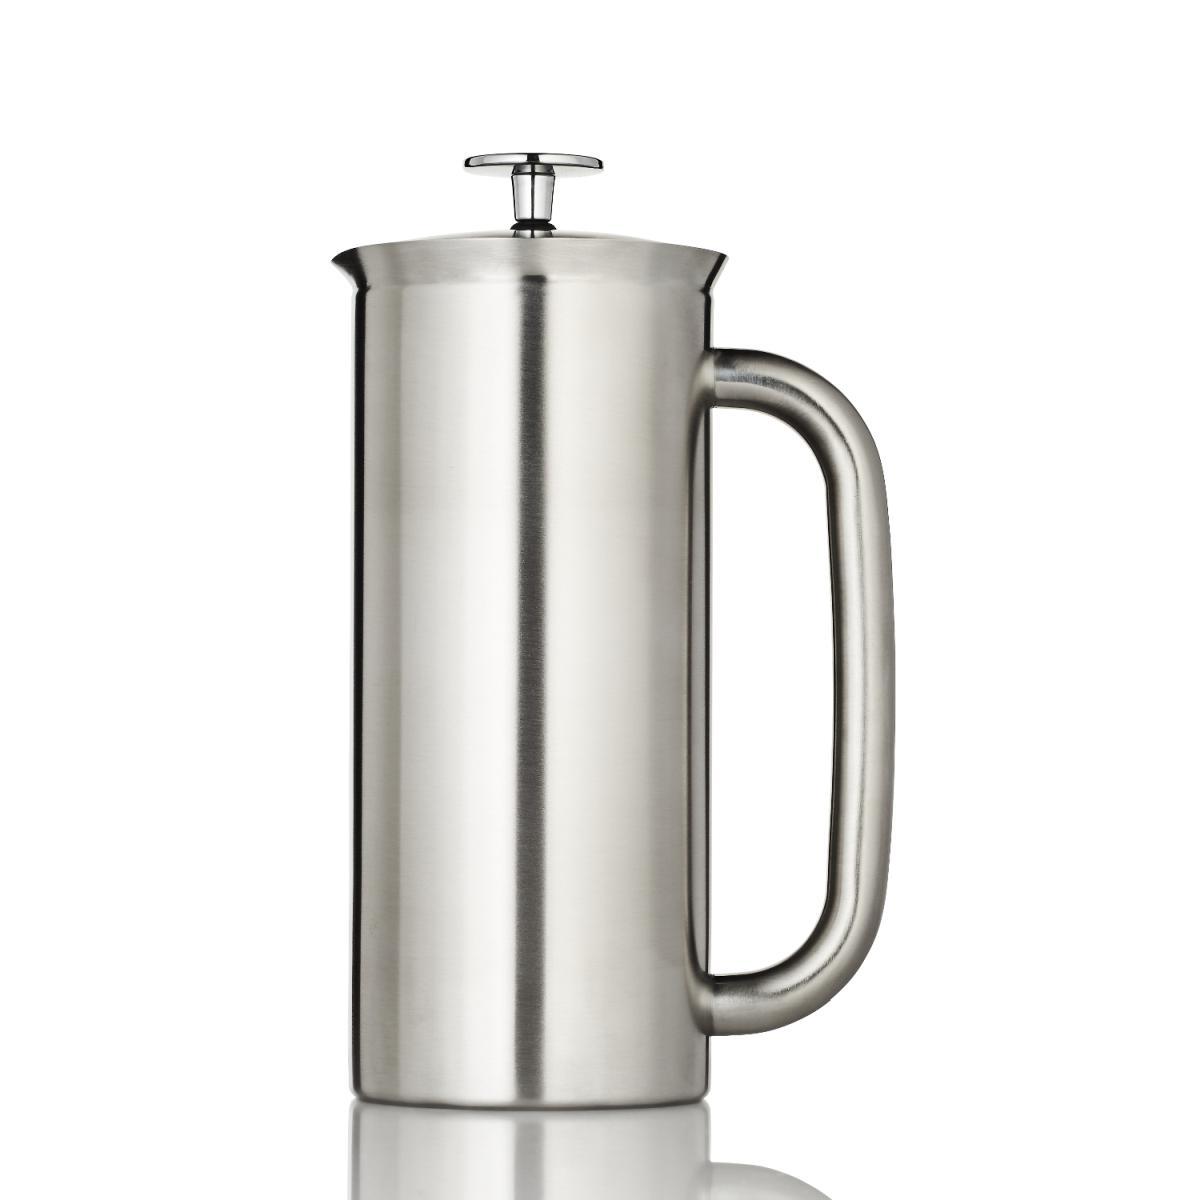 Espro P7 Press Kaffeezubereiter 550 mL Edelstahl matt